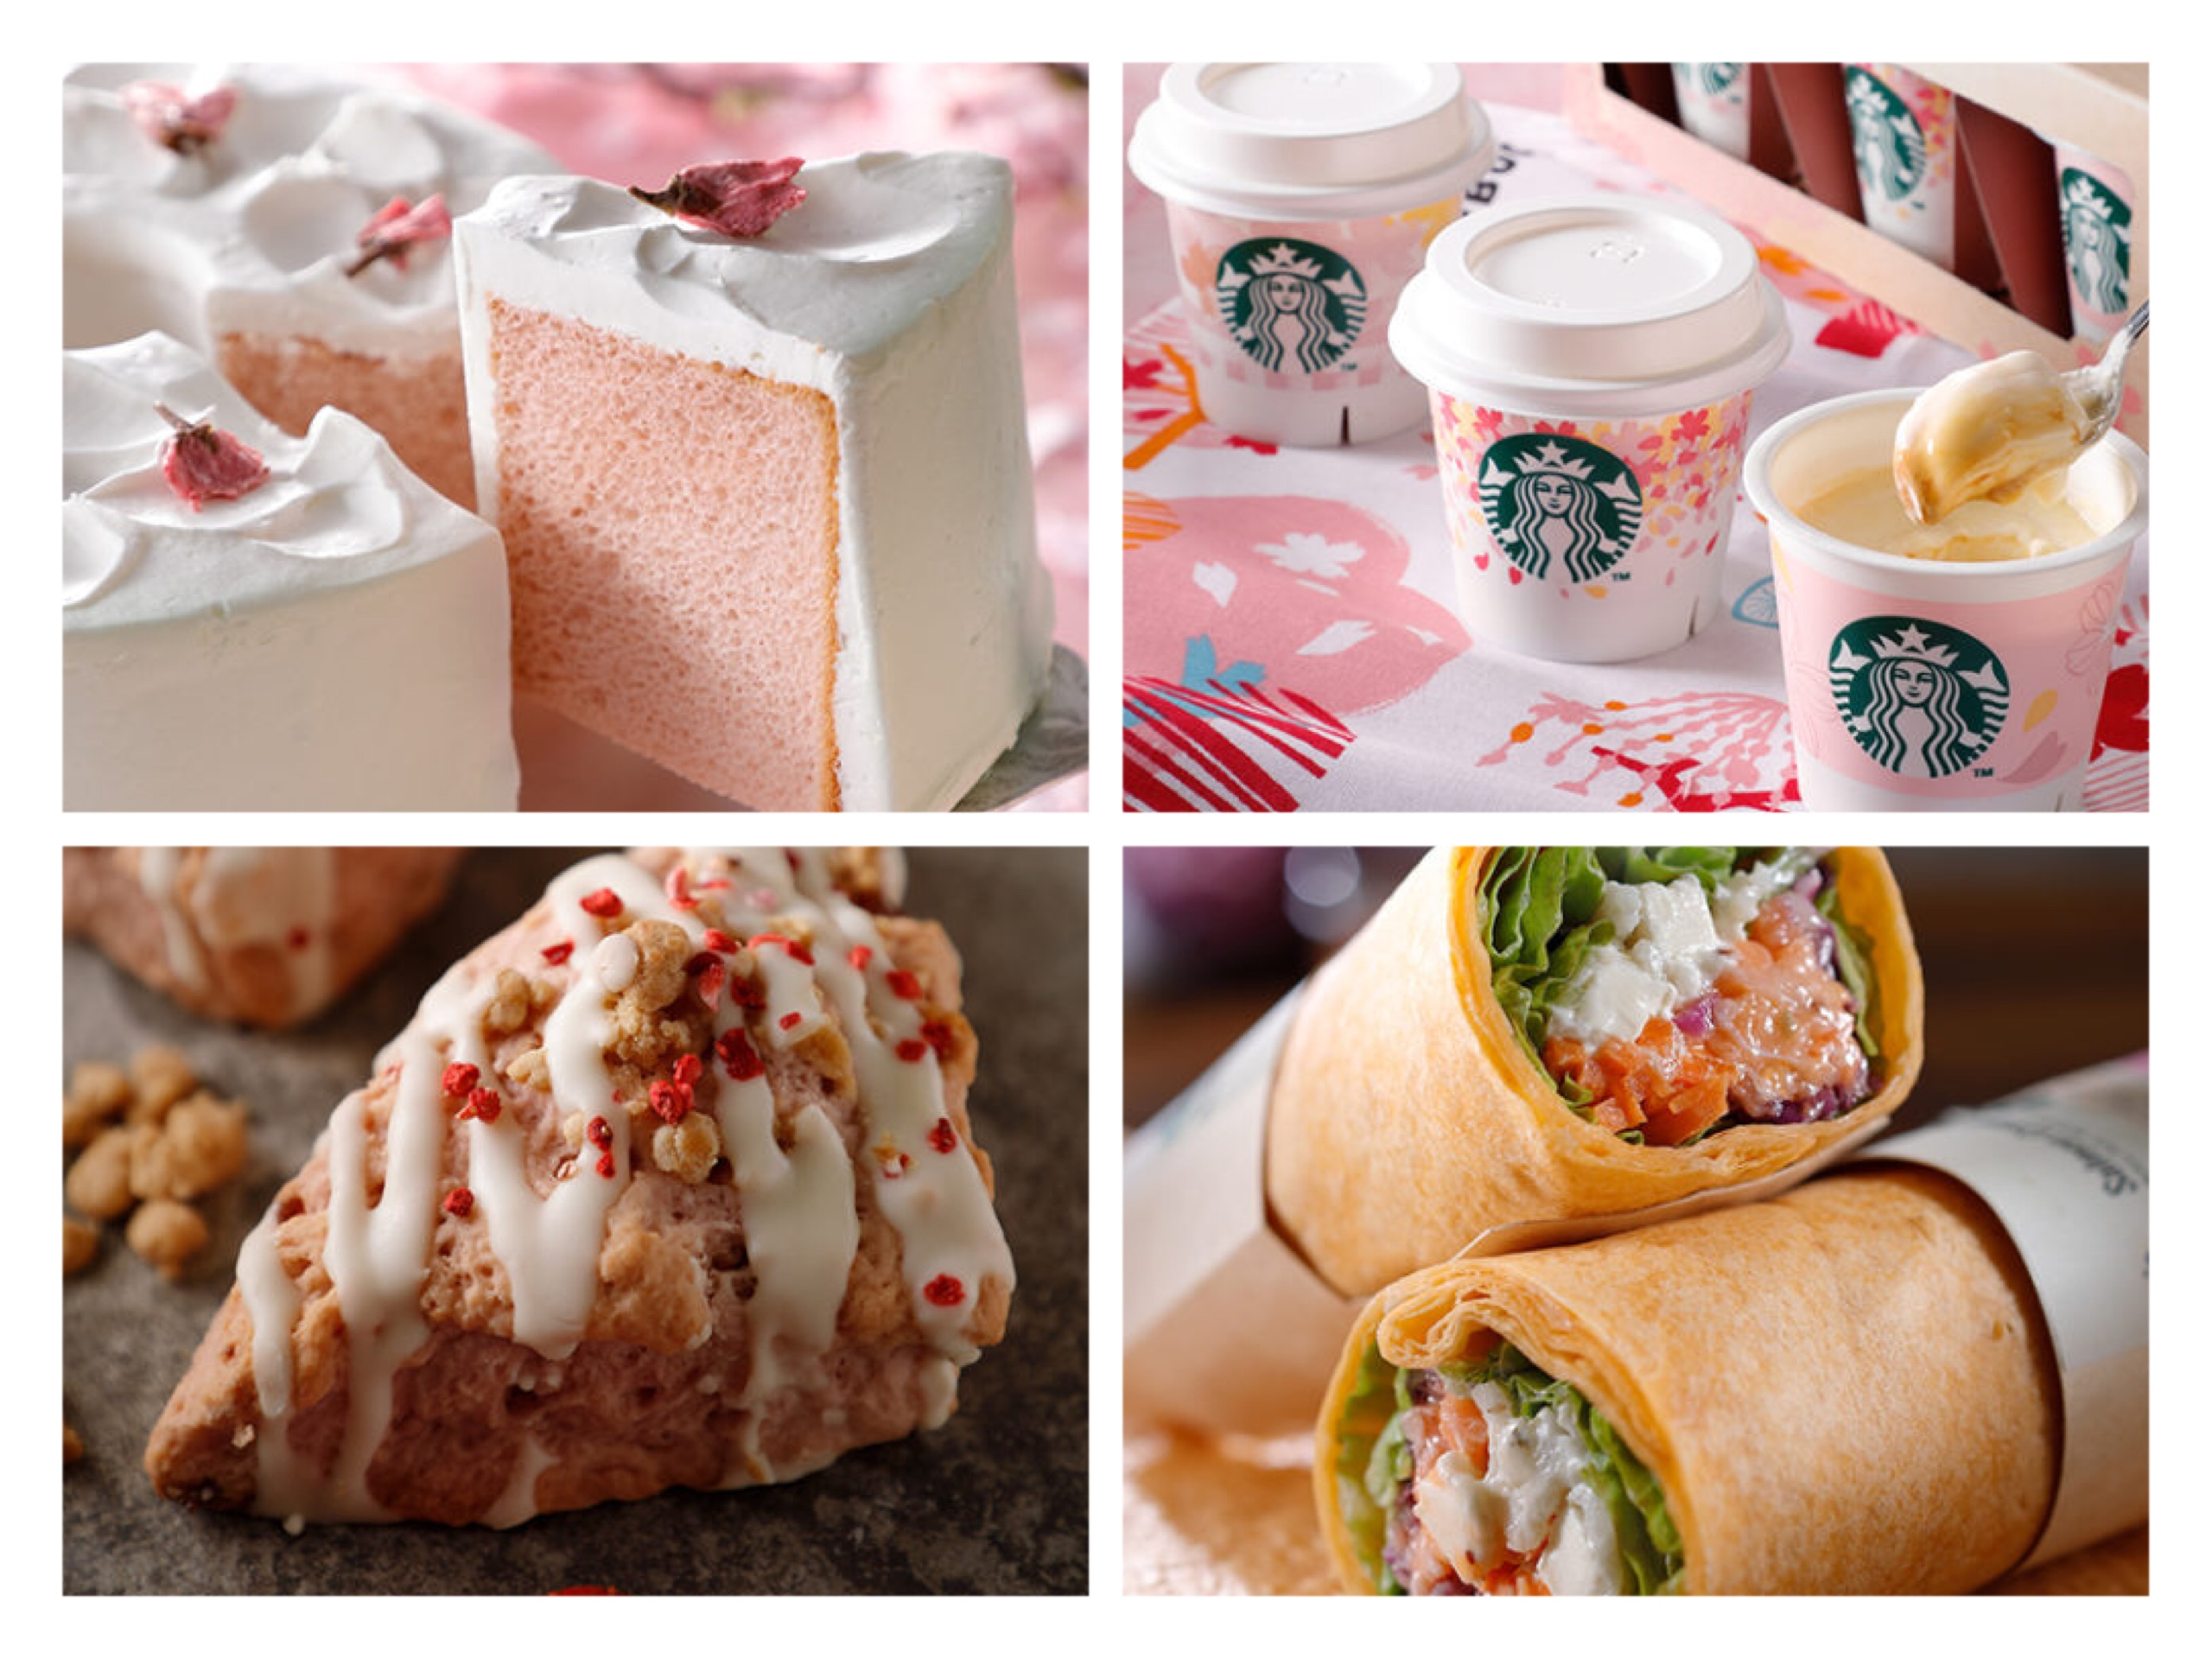 【2018新作】さくらシフォンケーキにドーナツ、スコーン!2/15〜発売のスタバのフードが超絶美味しそう!みんなの感想と実物レビューも!【桜プロモーション】